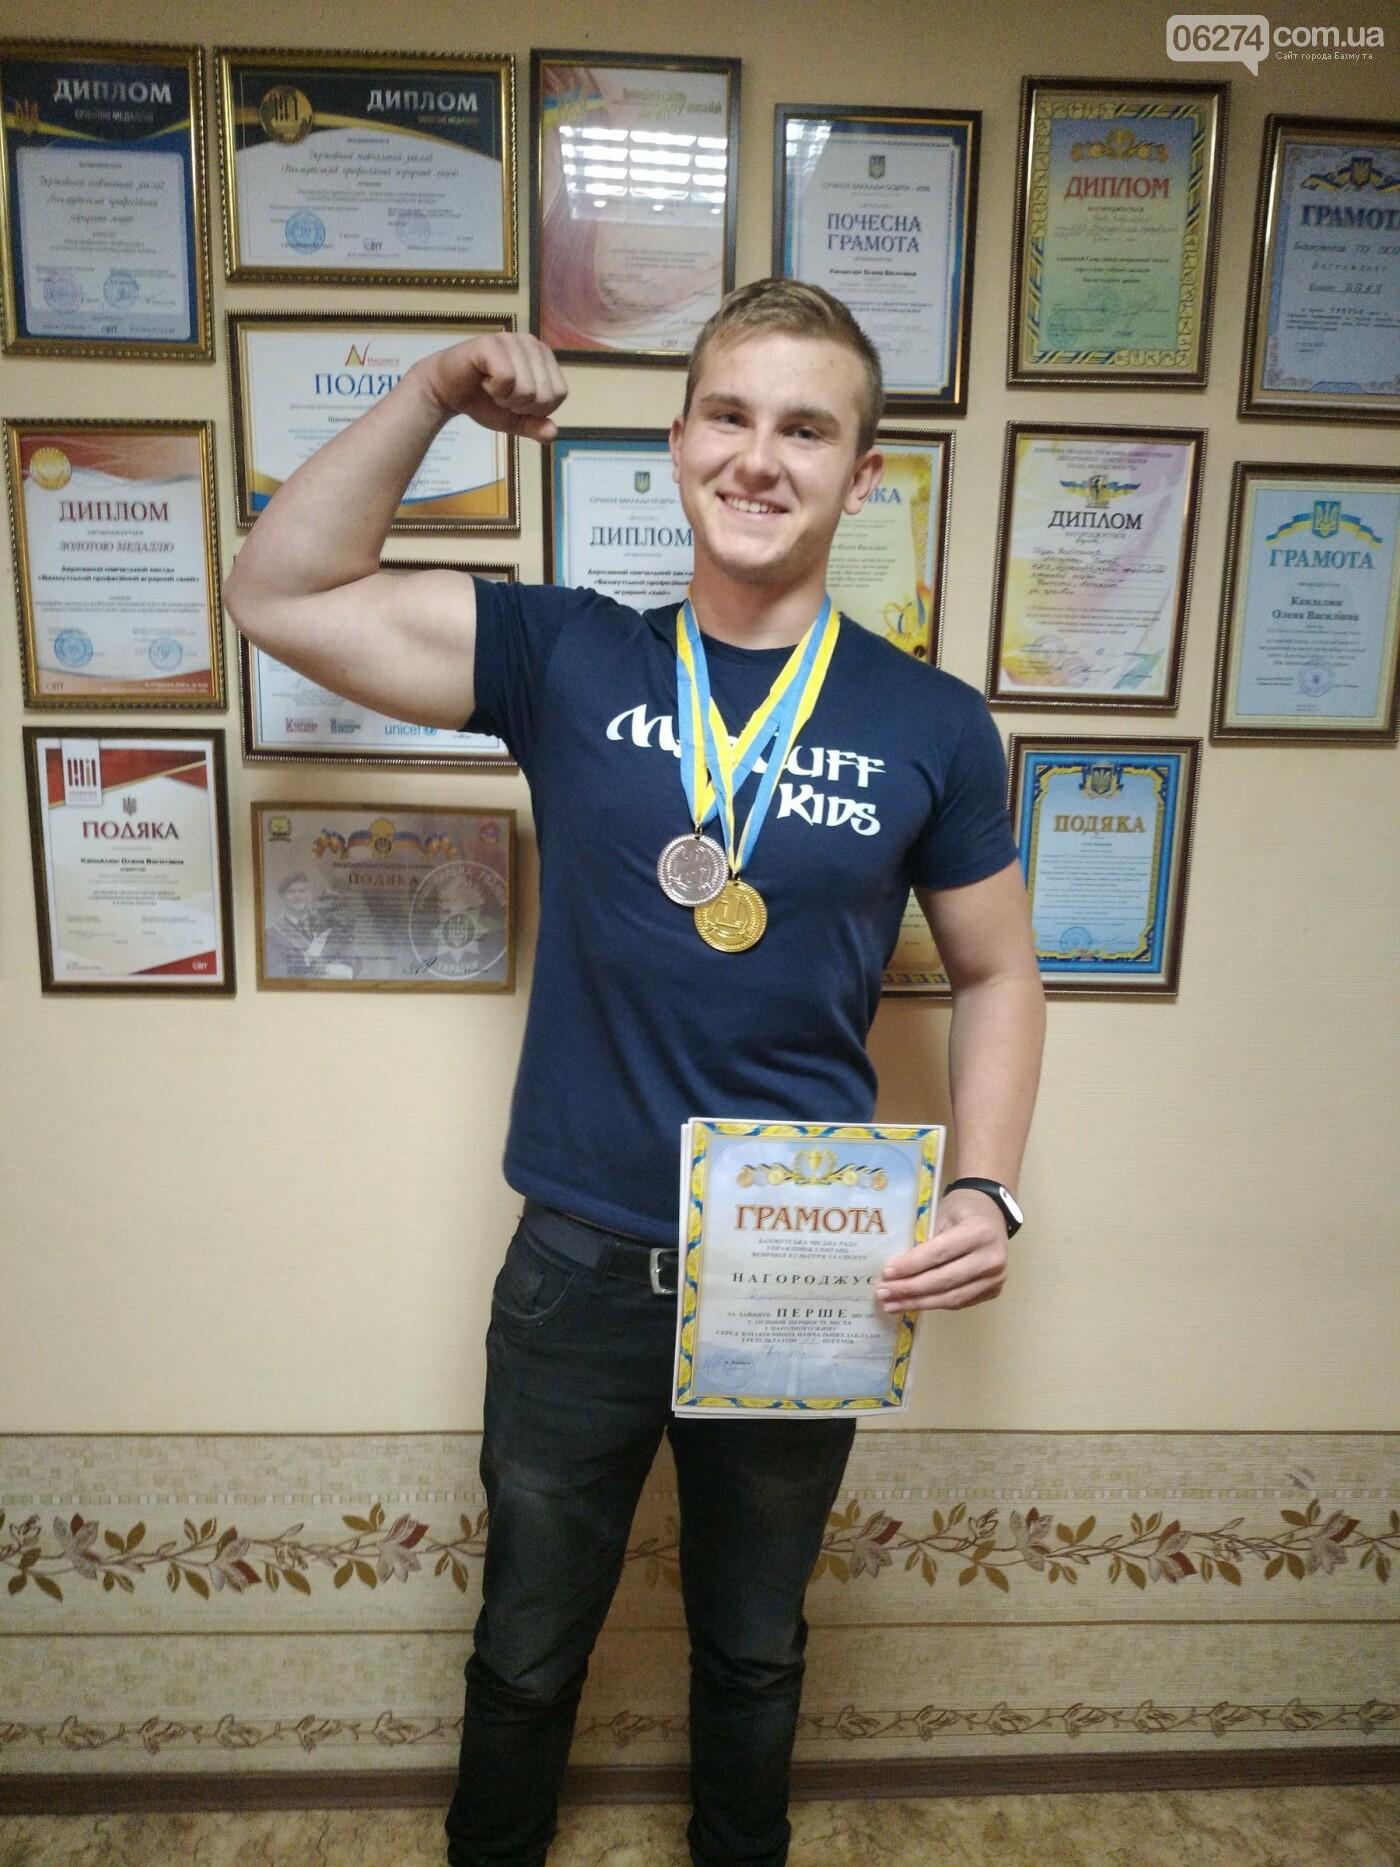 В Бахмуте на соревнованиях по народному жиму установлены новые рекорды, фото-1